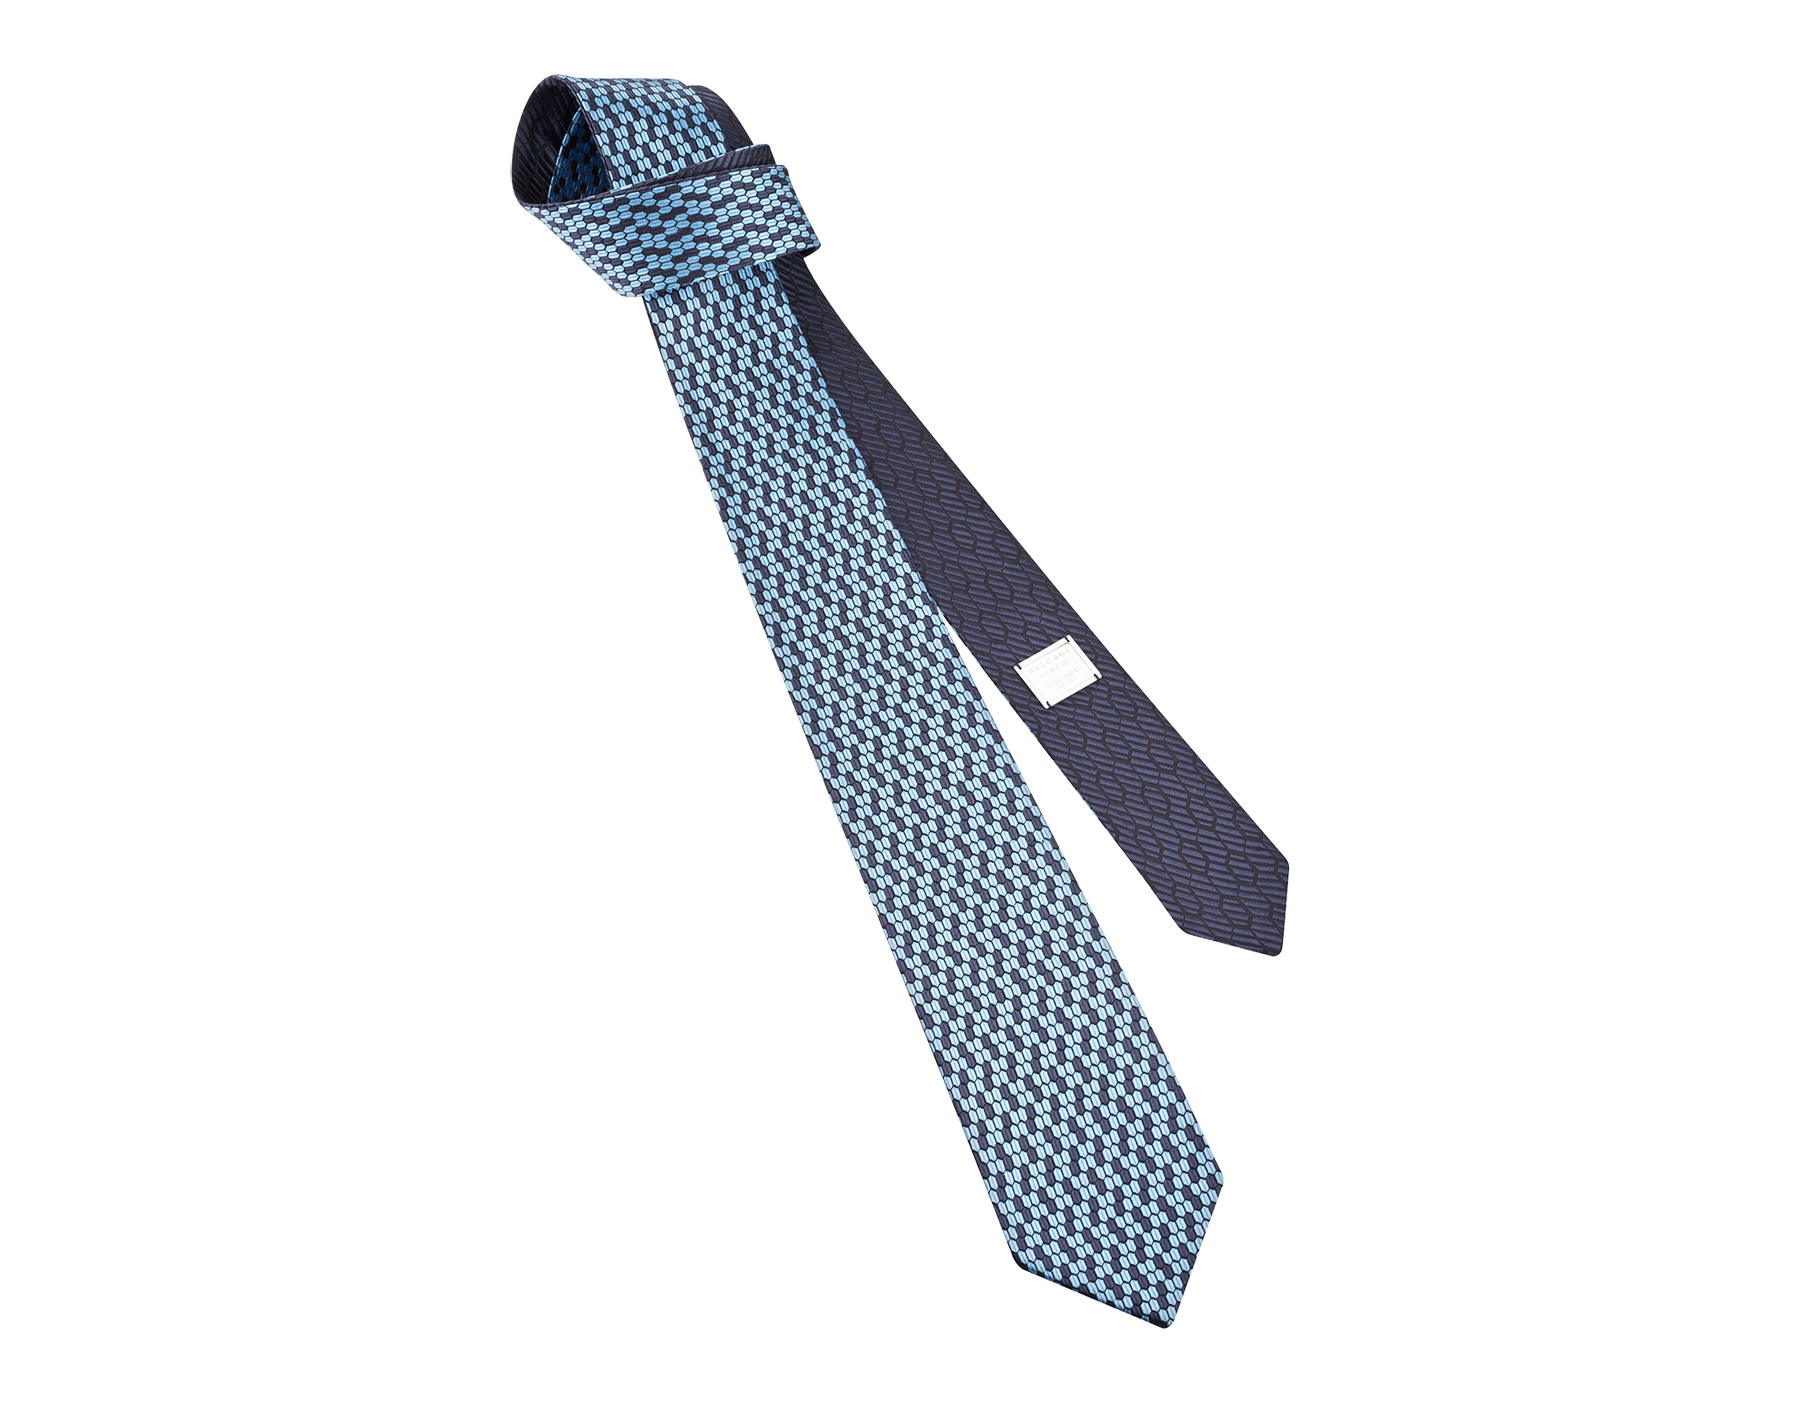 ネイビーのダブル マルチスケール ネクタイ。上質なジャカードシルク製。 244428 image 1